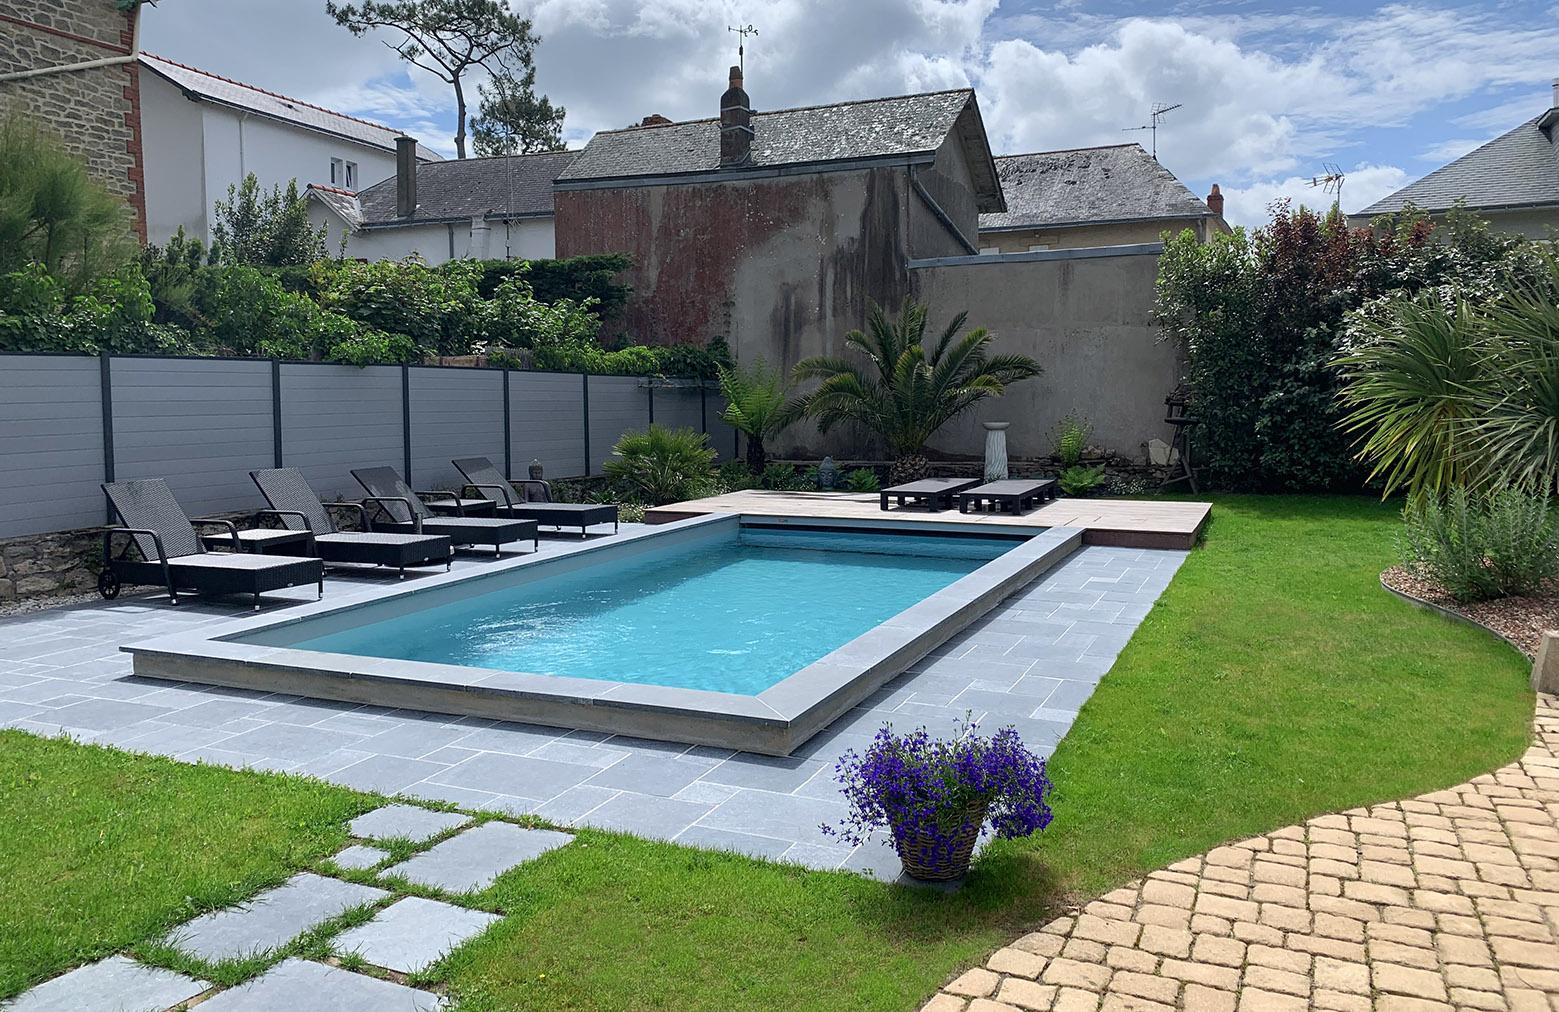 Am nagement paysager autour d 39 une piscine dreamis - Amenagement autour d une piscine ...